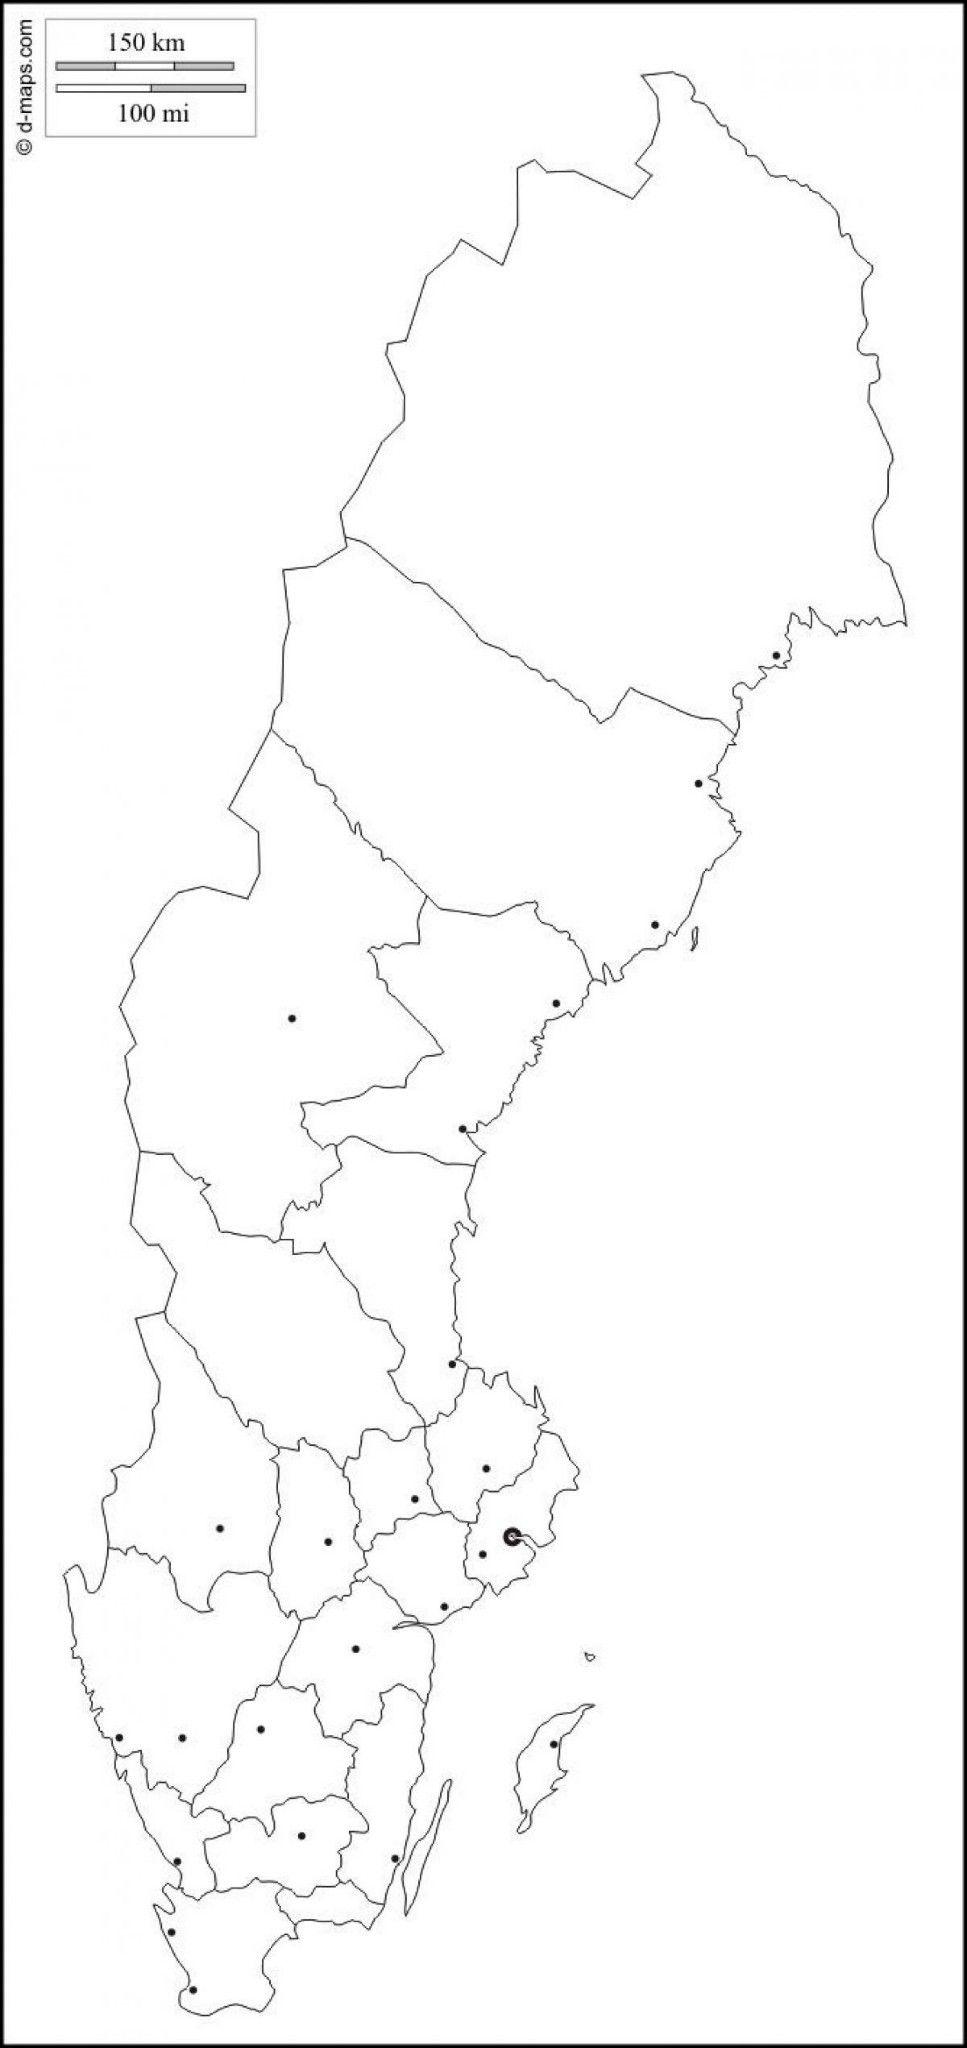 Tukholma Ruotsi Matkaoppaat Tukholma Matka Info Loma Kuvia